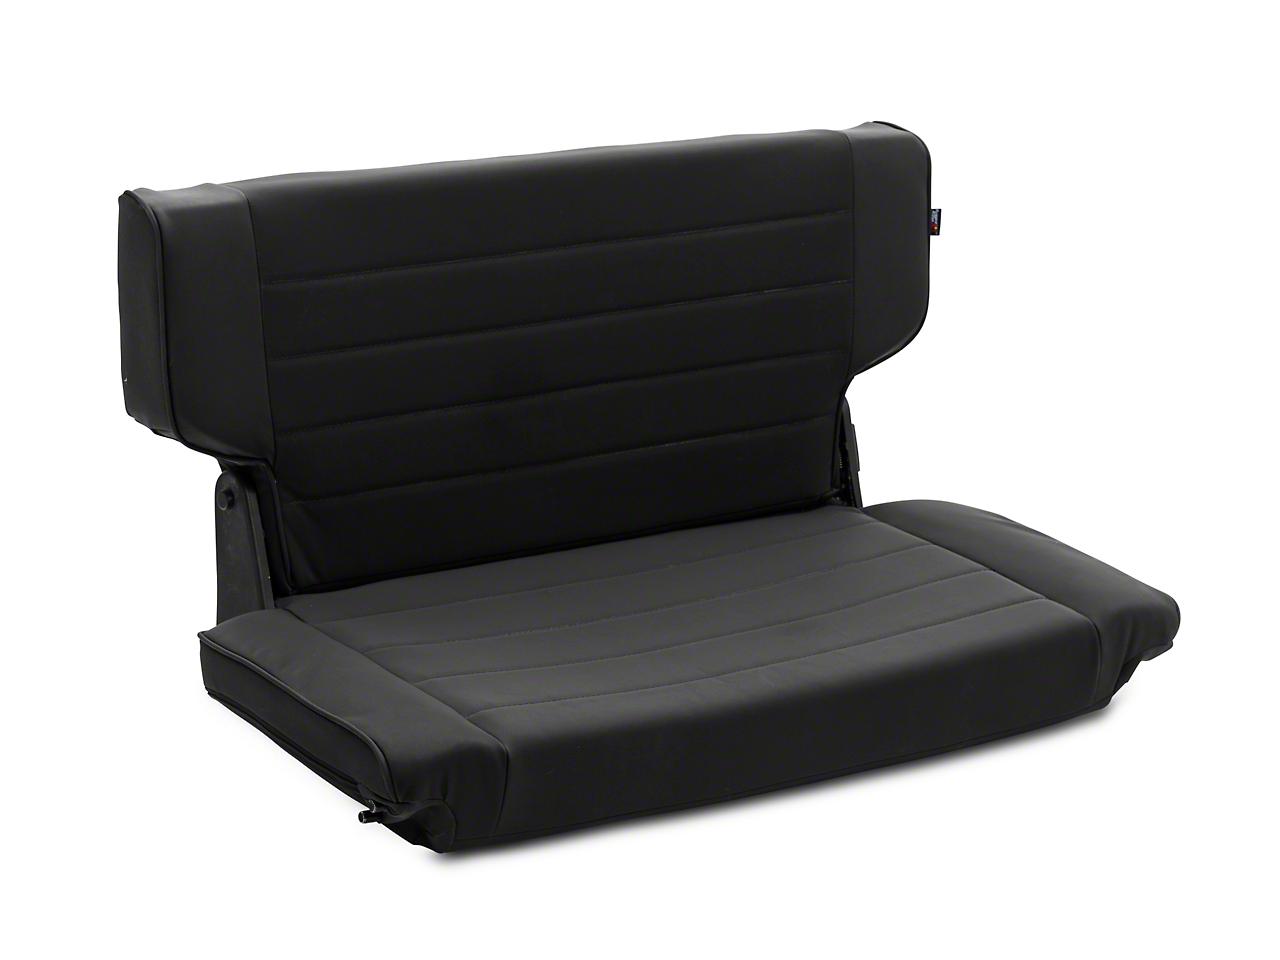 Rugged Ridge Fold & Tumble Rear Seat - Black Denim (97-02 Wrangler TJ)